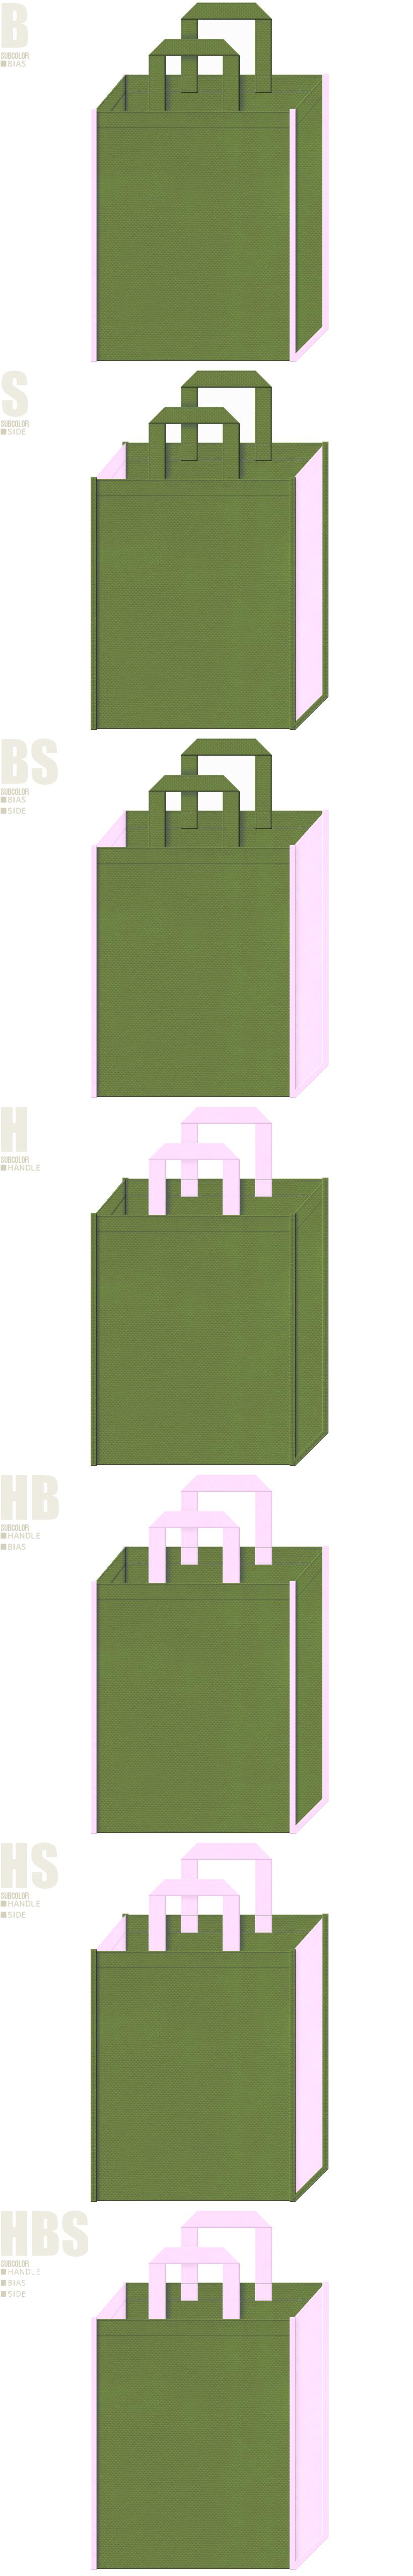 桜餅・三色団子・ももたろう・むかし話・絵本の展示会用バッグにお奨めの不織布バッグデザイン:草色と明るいピンク色の不織布バッグ配色7パターン。